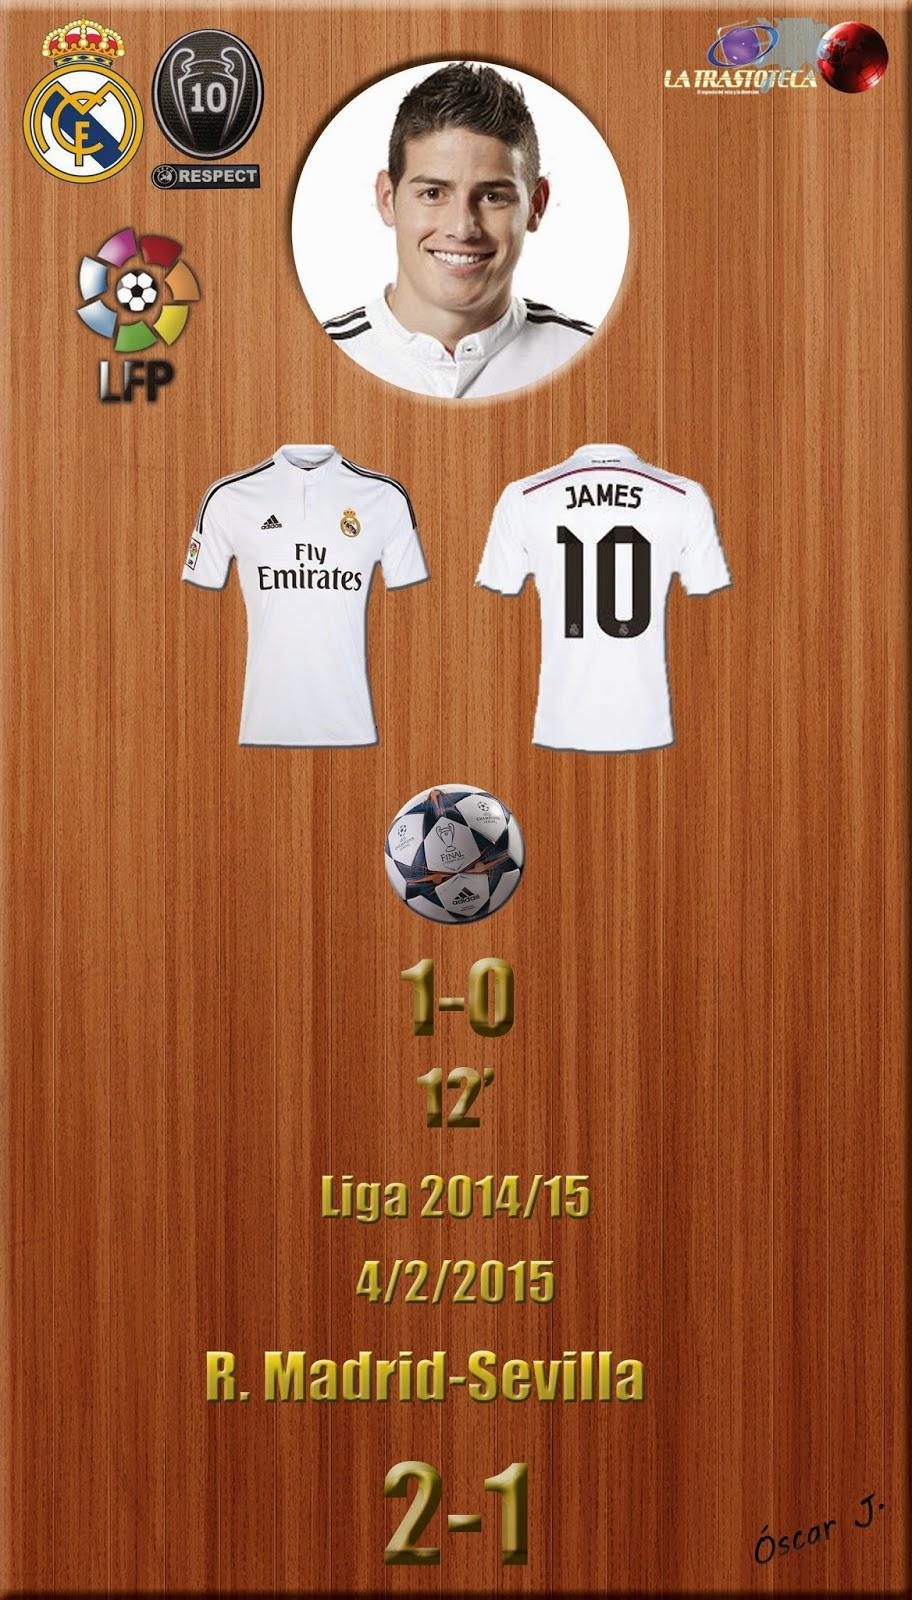 James Rodríguez (1-0) - Real Madrid 2-1 Sevilla - Liga 2014/15 - Jornada 16 - (4/2/2015)